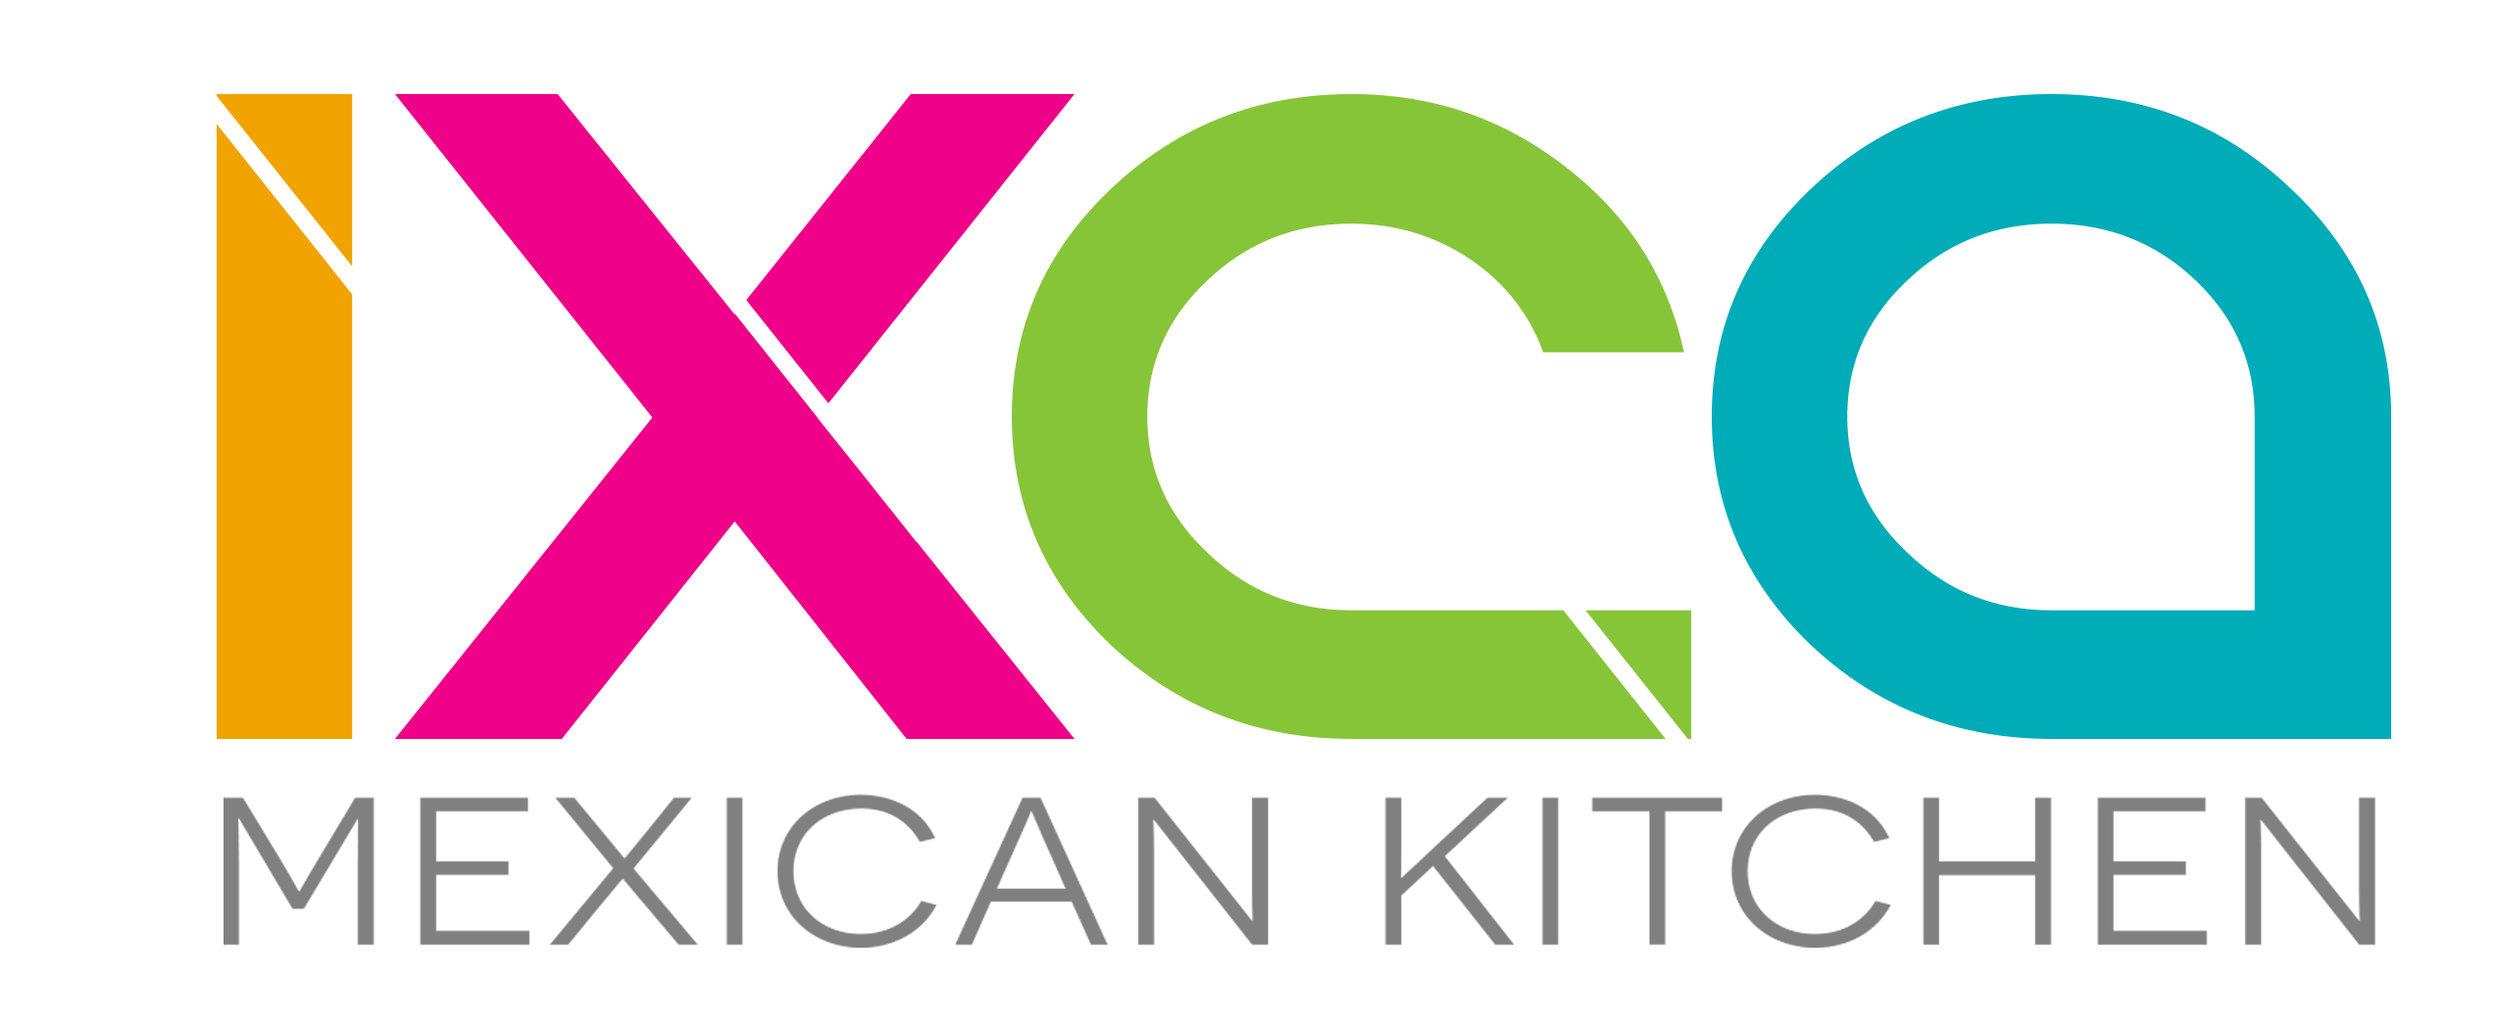 IXCA Logo.jpg